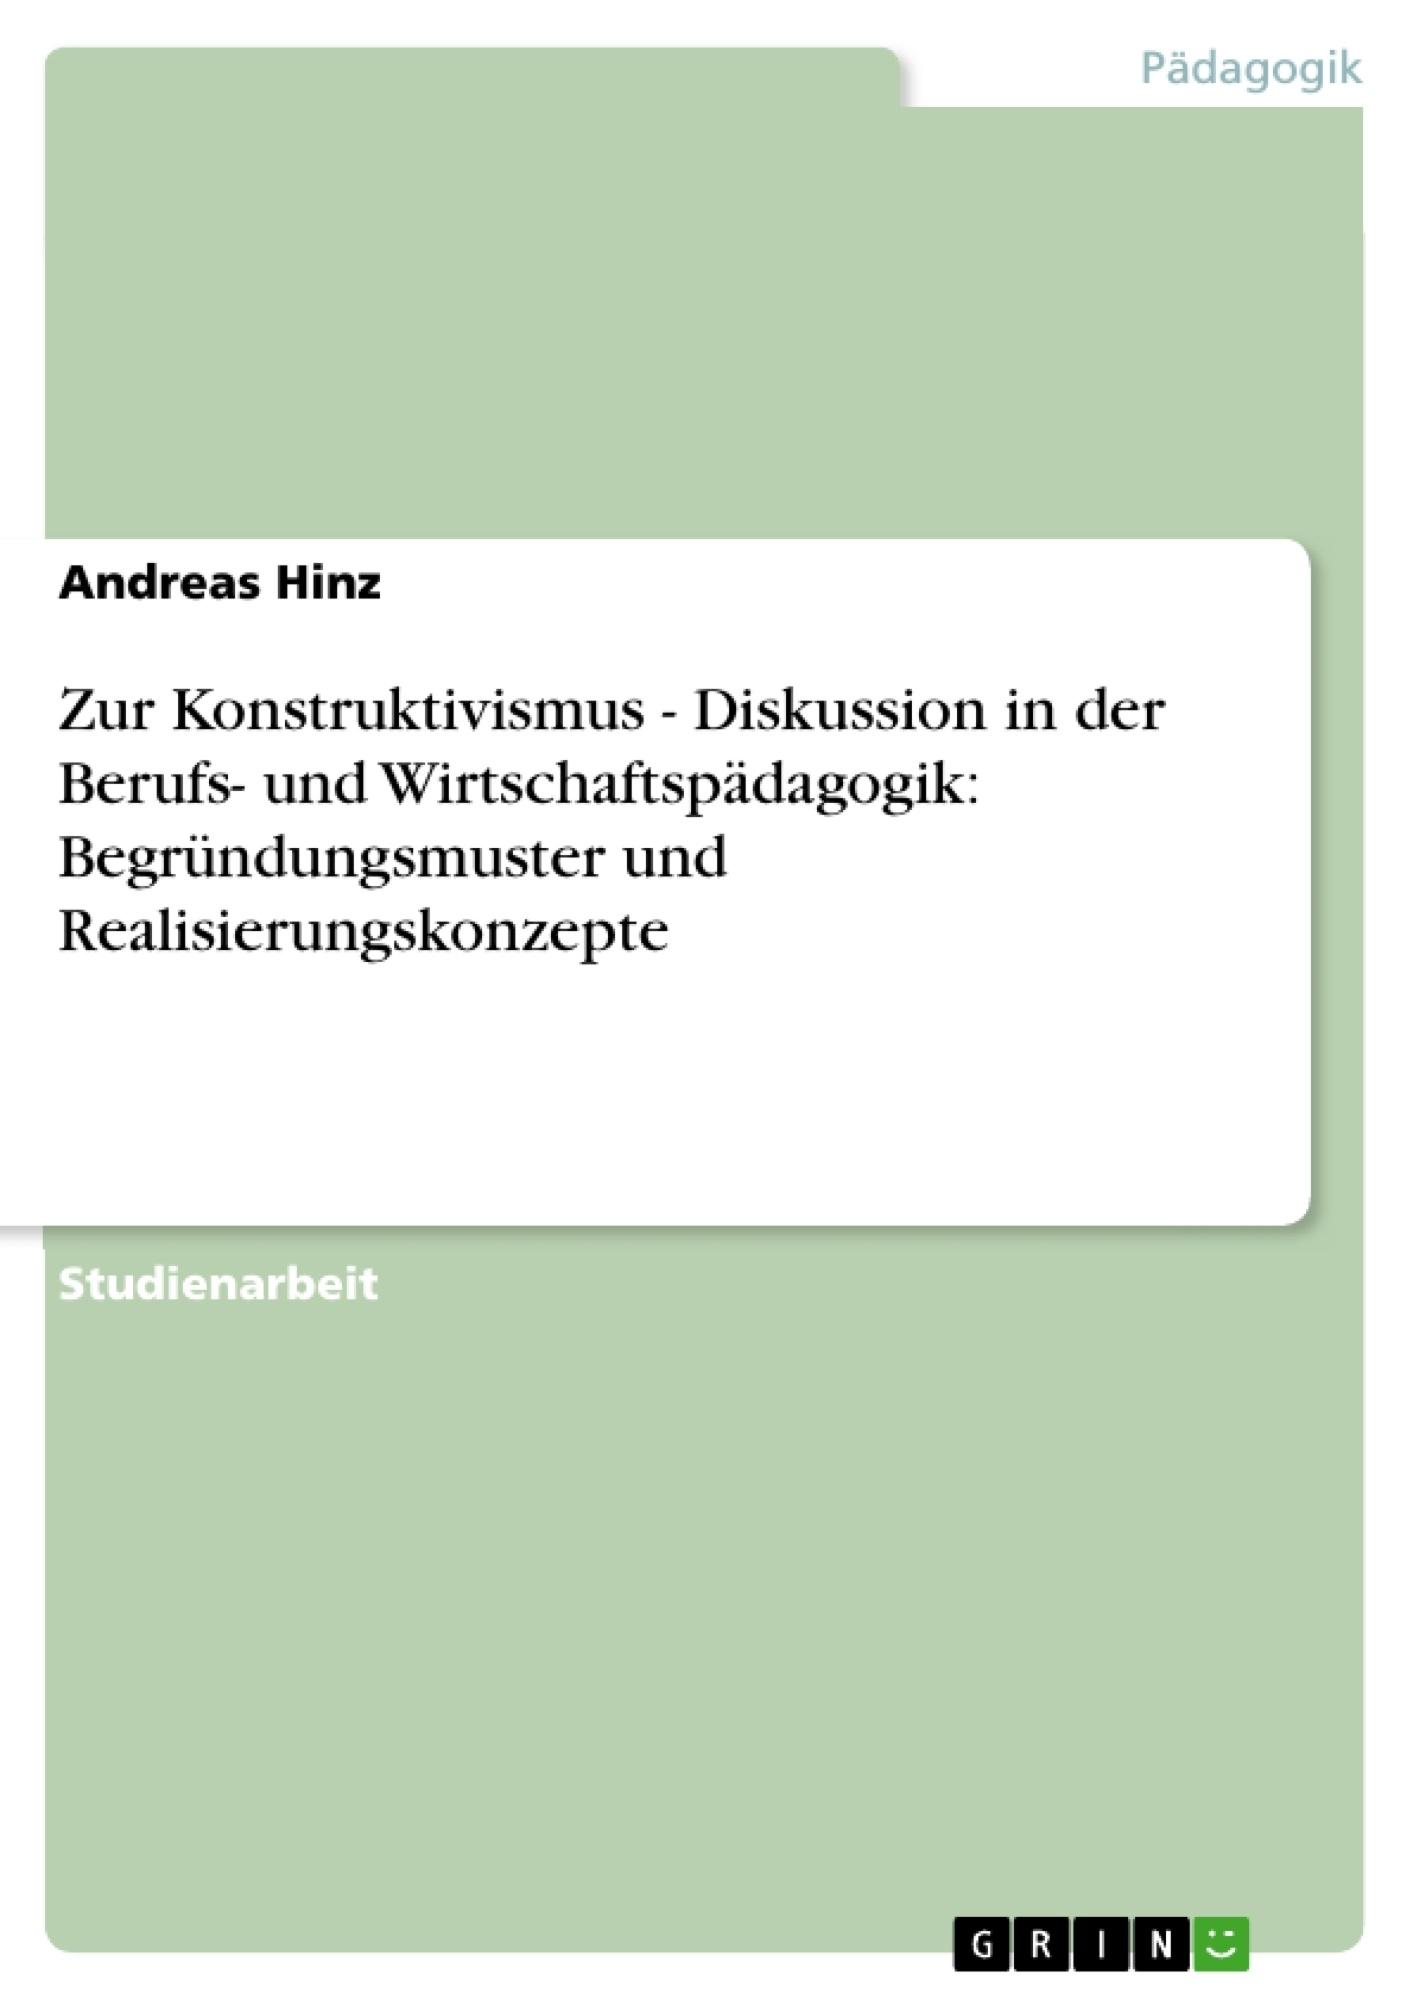 Titel: Zur Konstruktivismus - Diskussion in der Berufs- und Wirtschaftspädagogik: Begründungsmuster und Realisierungskonzepte